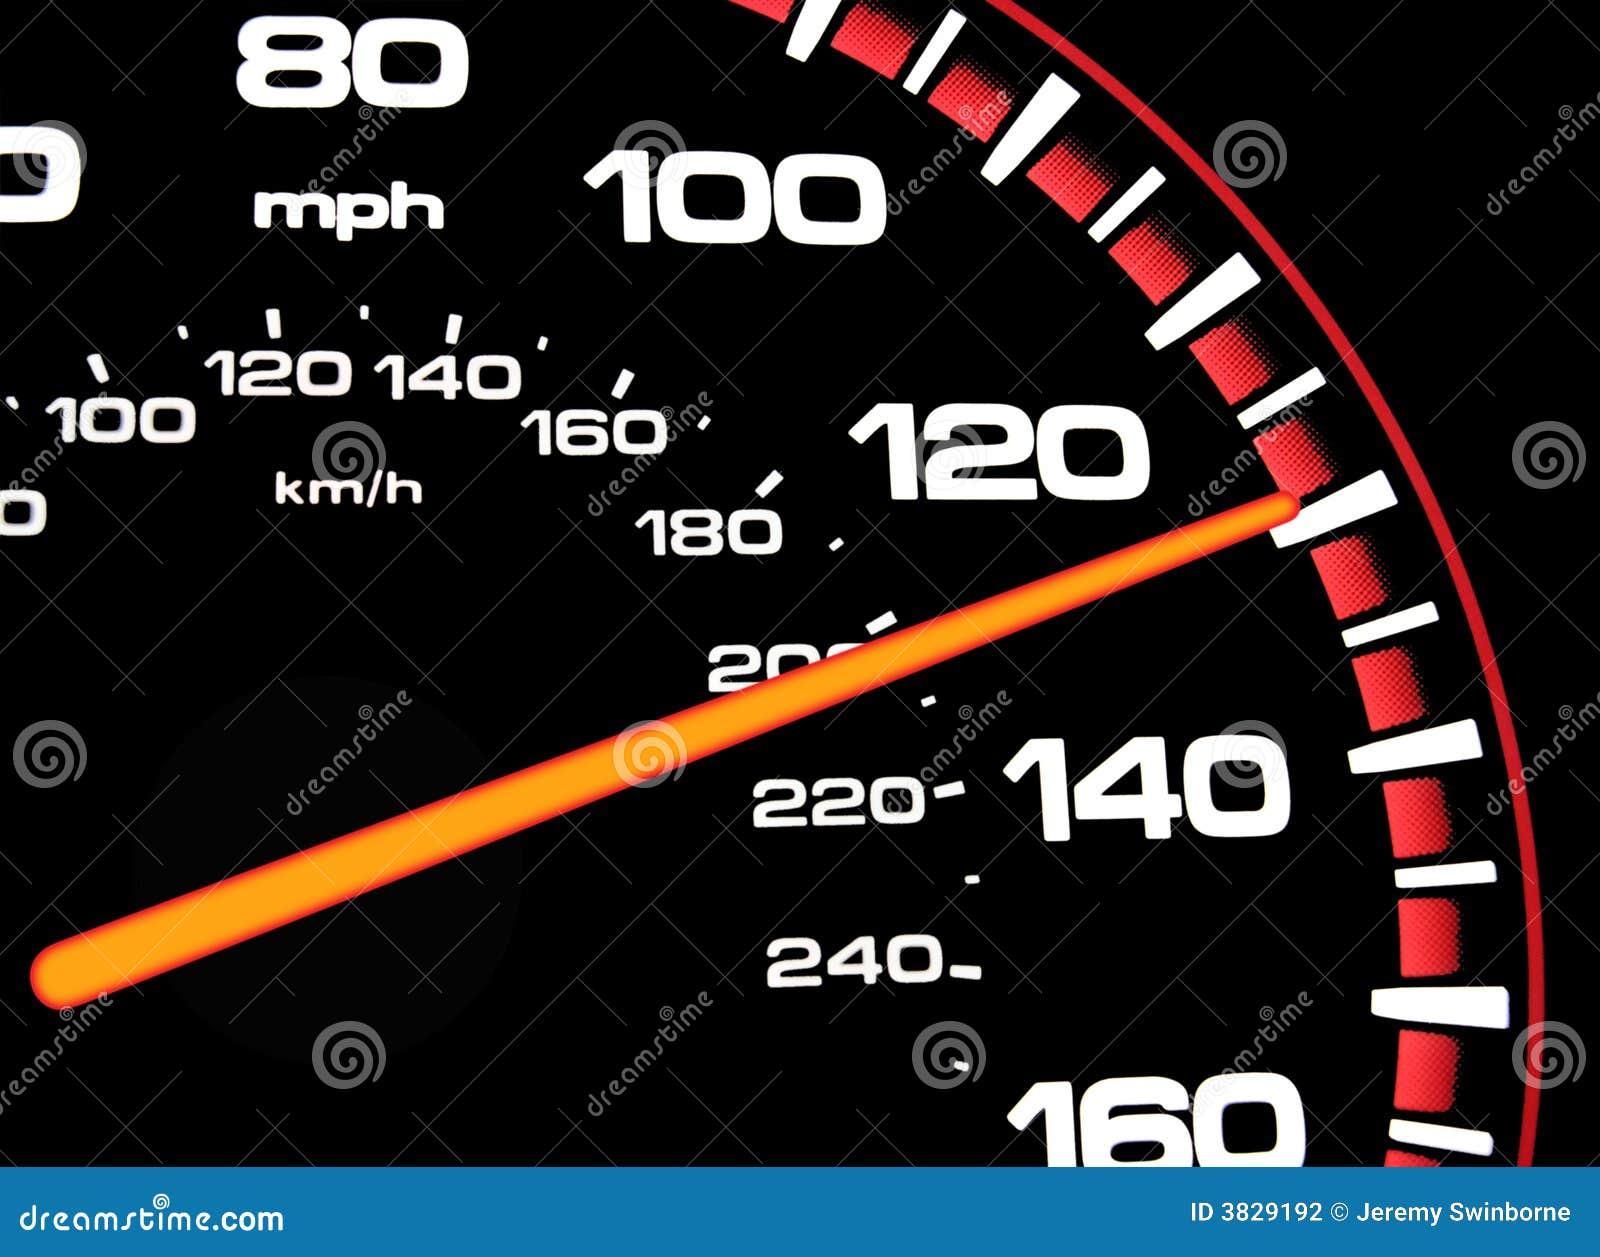 некоторое превышение скорости на 61 км что грозит обнаружилось